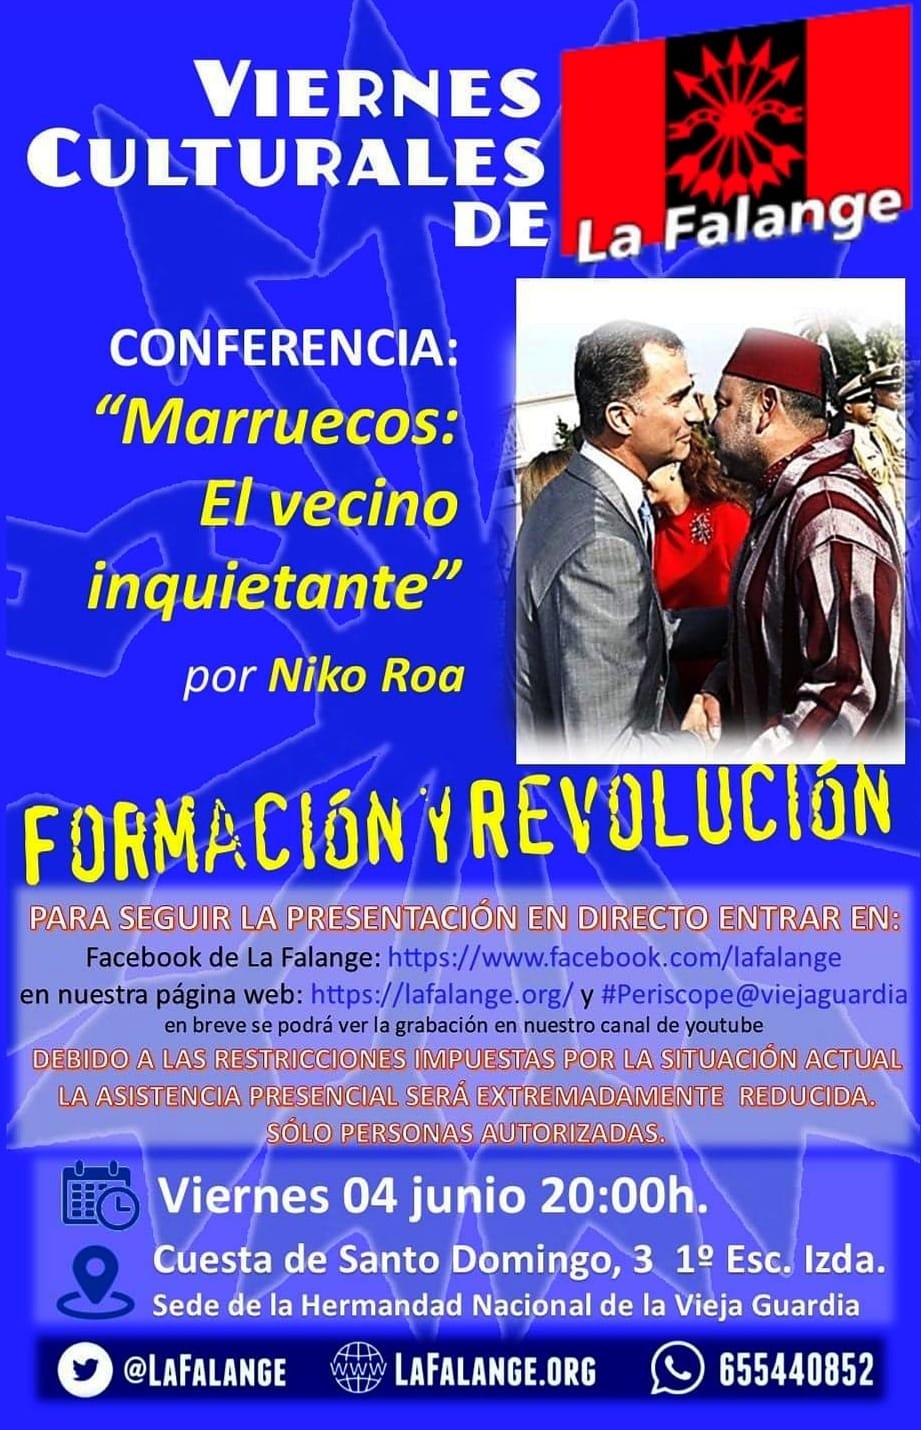 """Conferencia """"Marruecos, el vecino inquietante"""" a cargo de Niko Roa"""